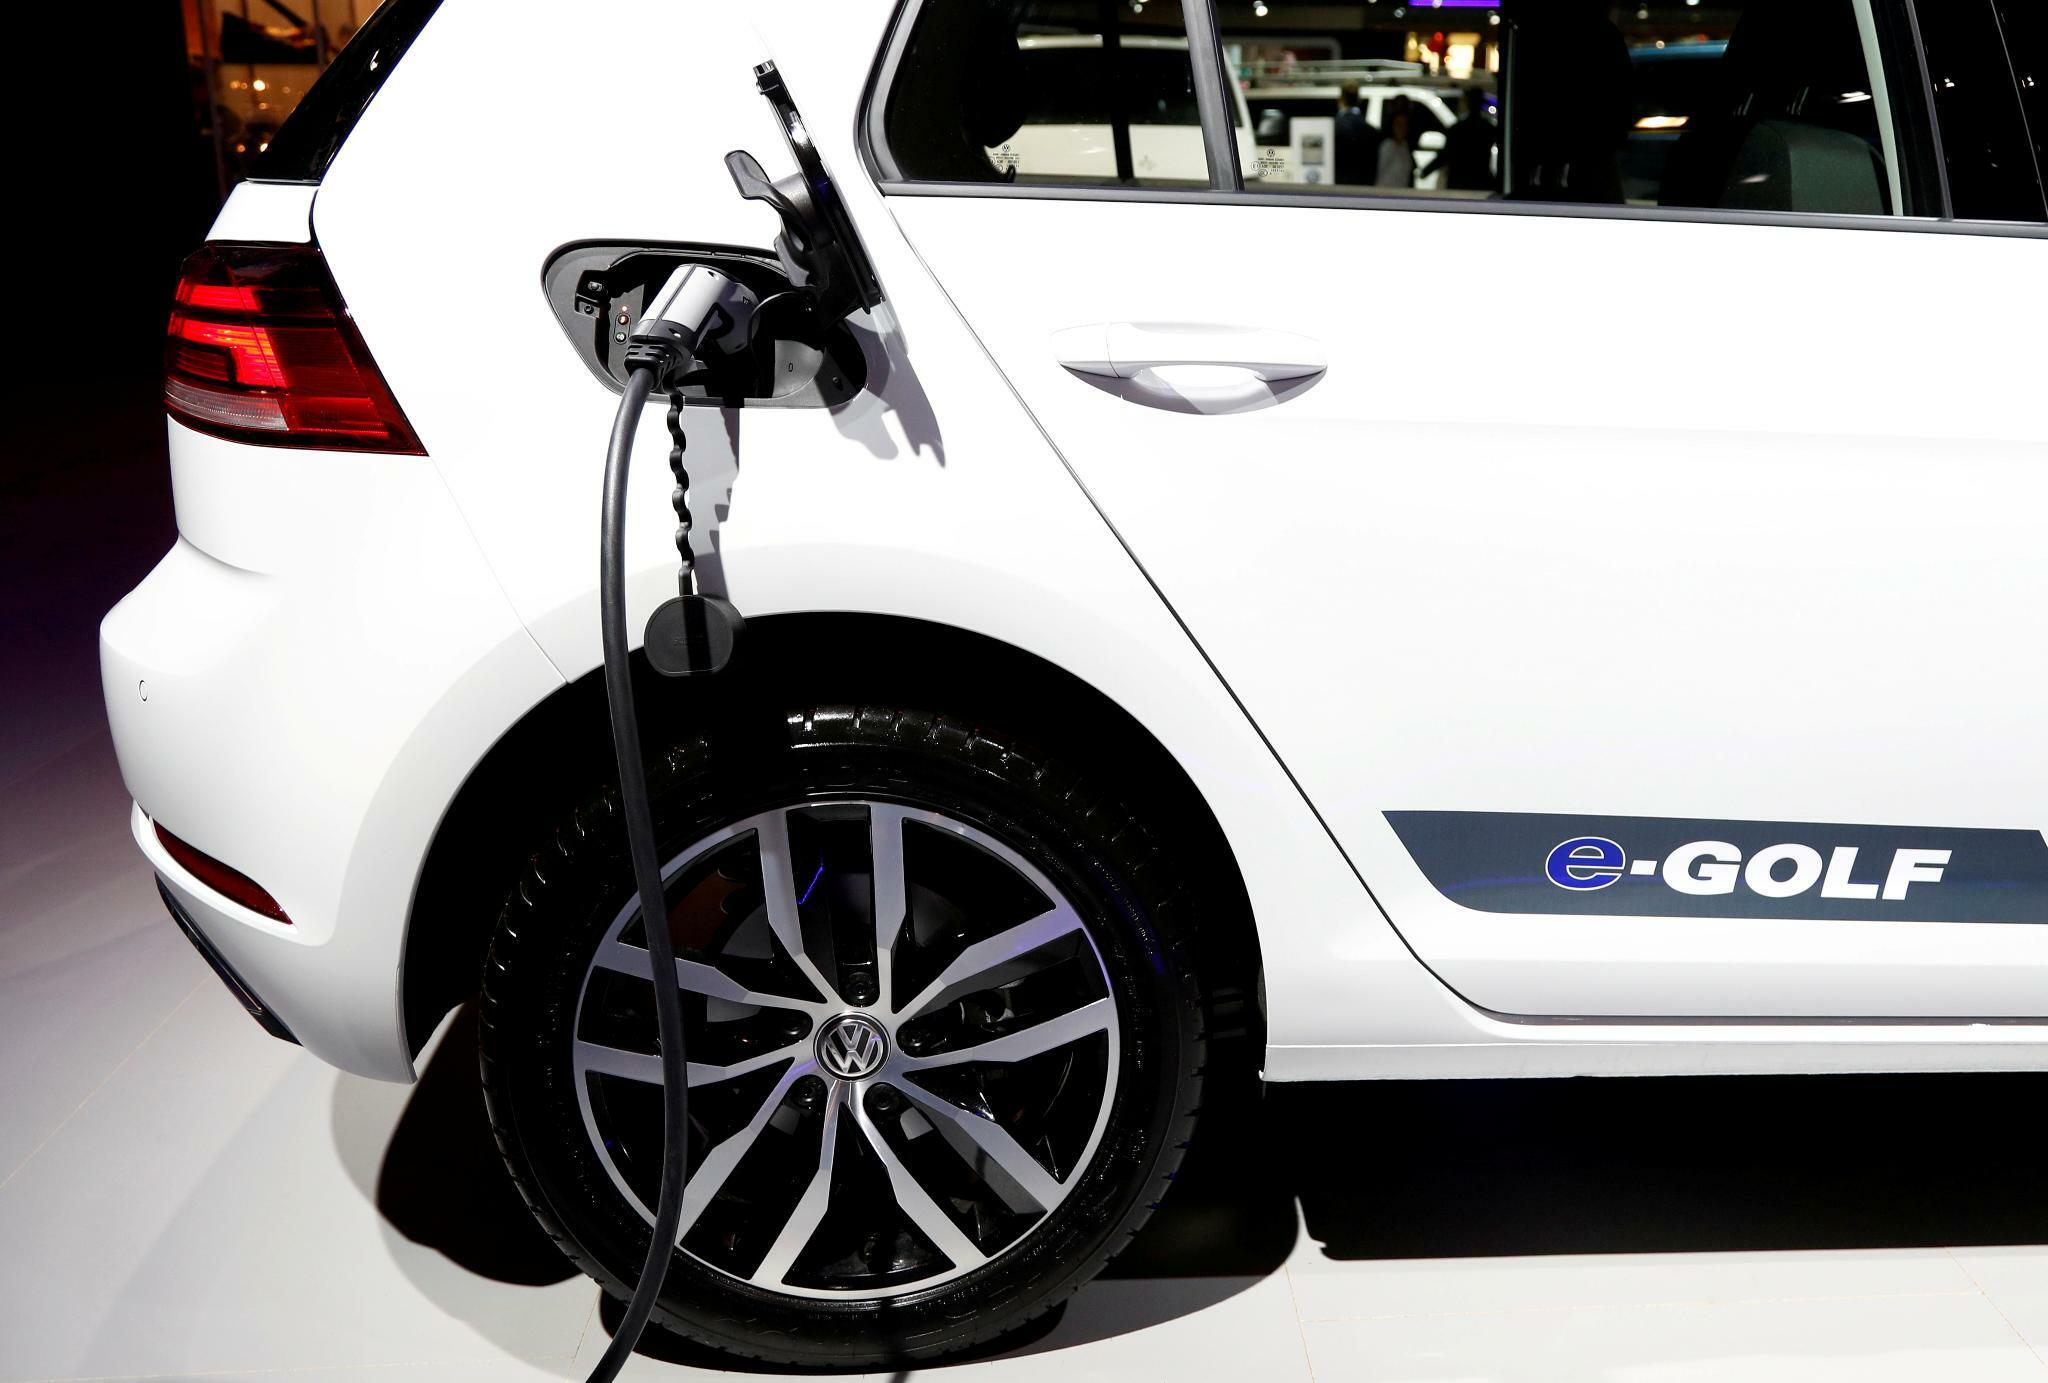 e-Golf: Rabatte und Förderung machen Elektro-Golf billiger als günstigsten Verbrenner